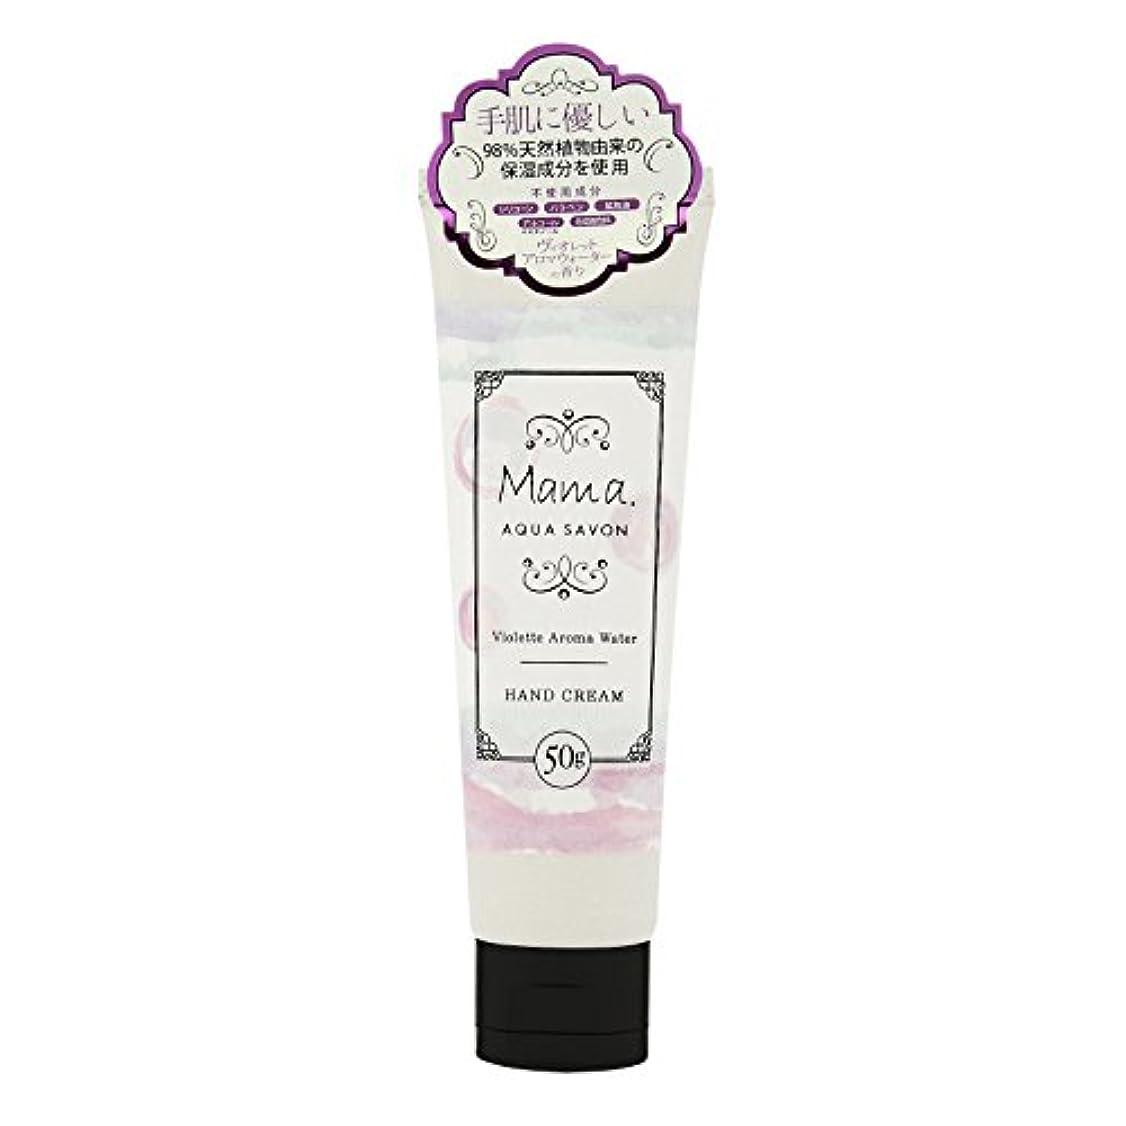 弱点生産性熱ママ アクアシャボン ハンドクリーム ヴィオレットアロマウォーターの香り 50g